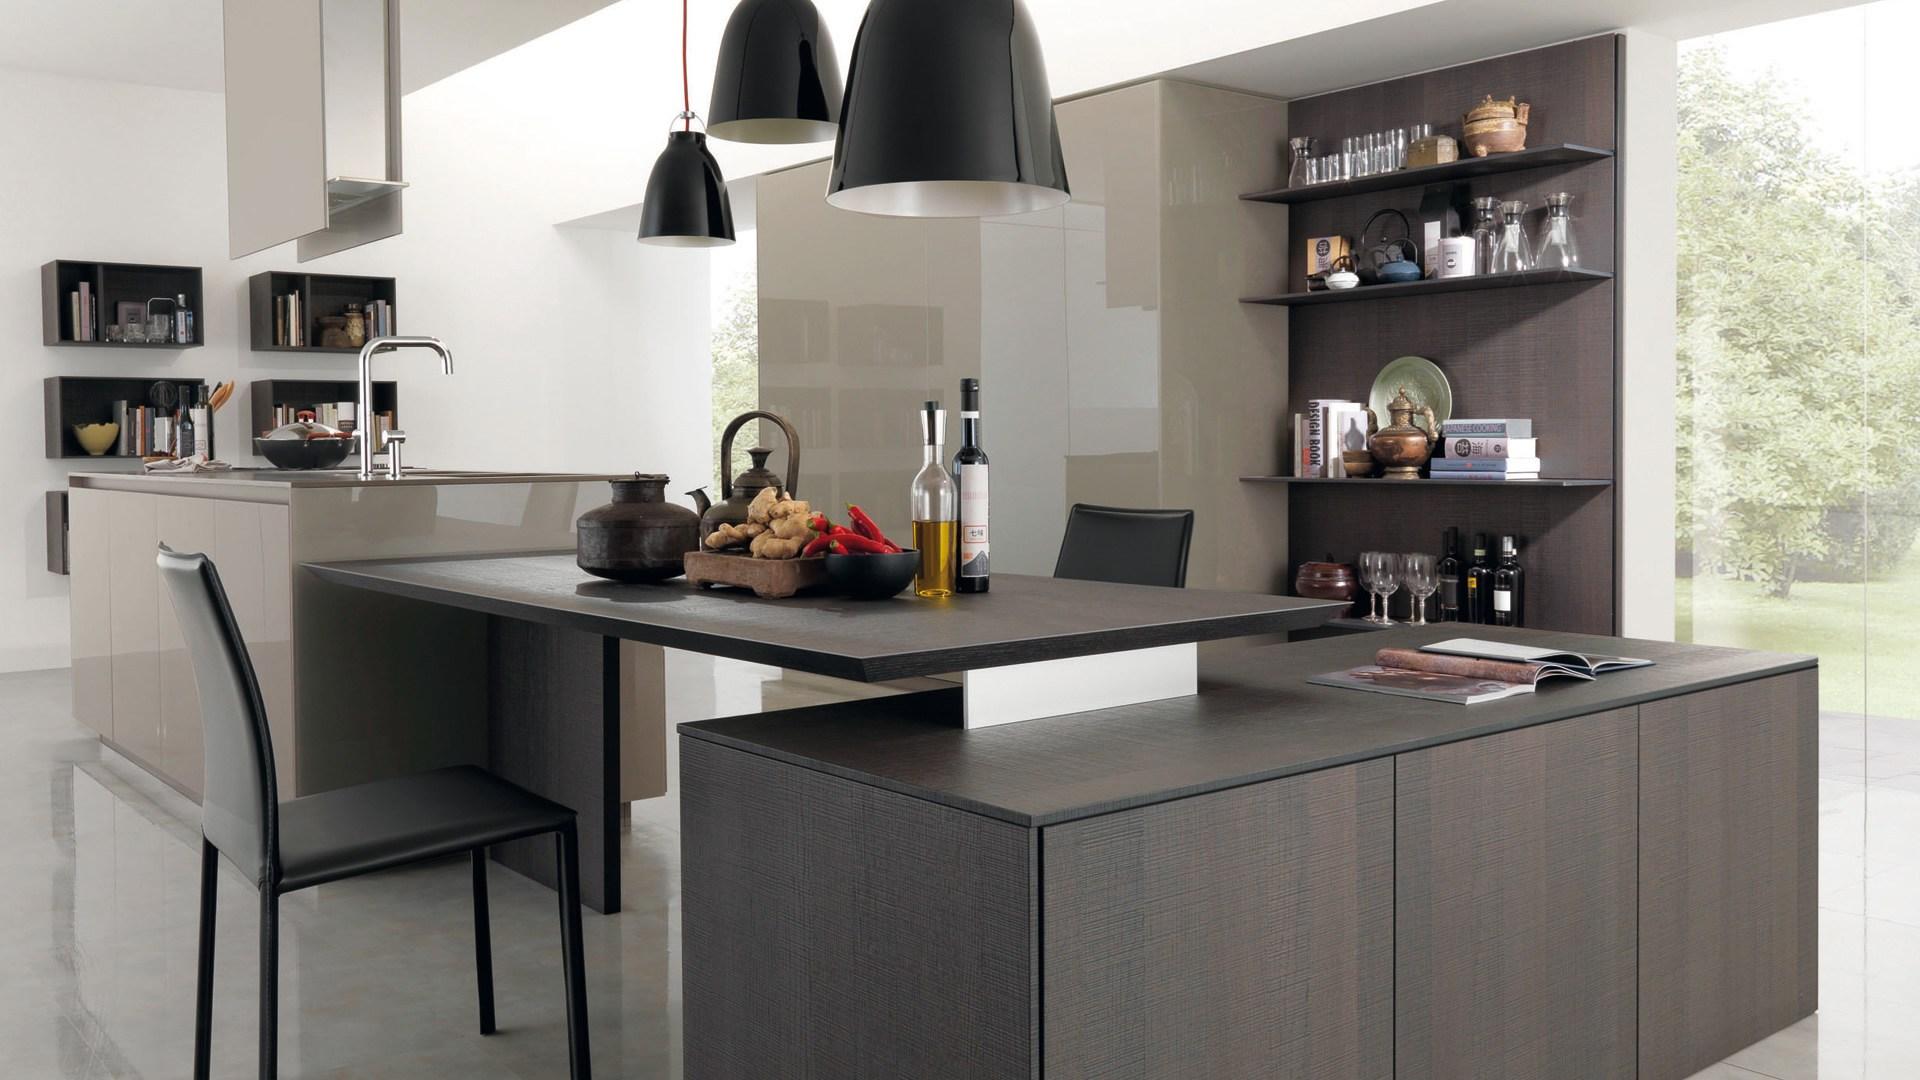 Cucine moderne come scegliere quella giusta per te e le for Cucine moderne design